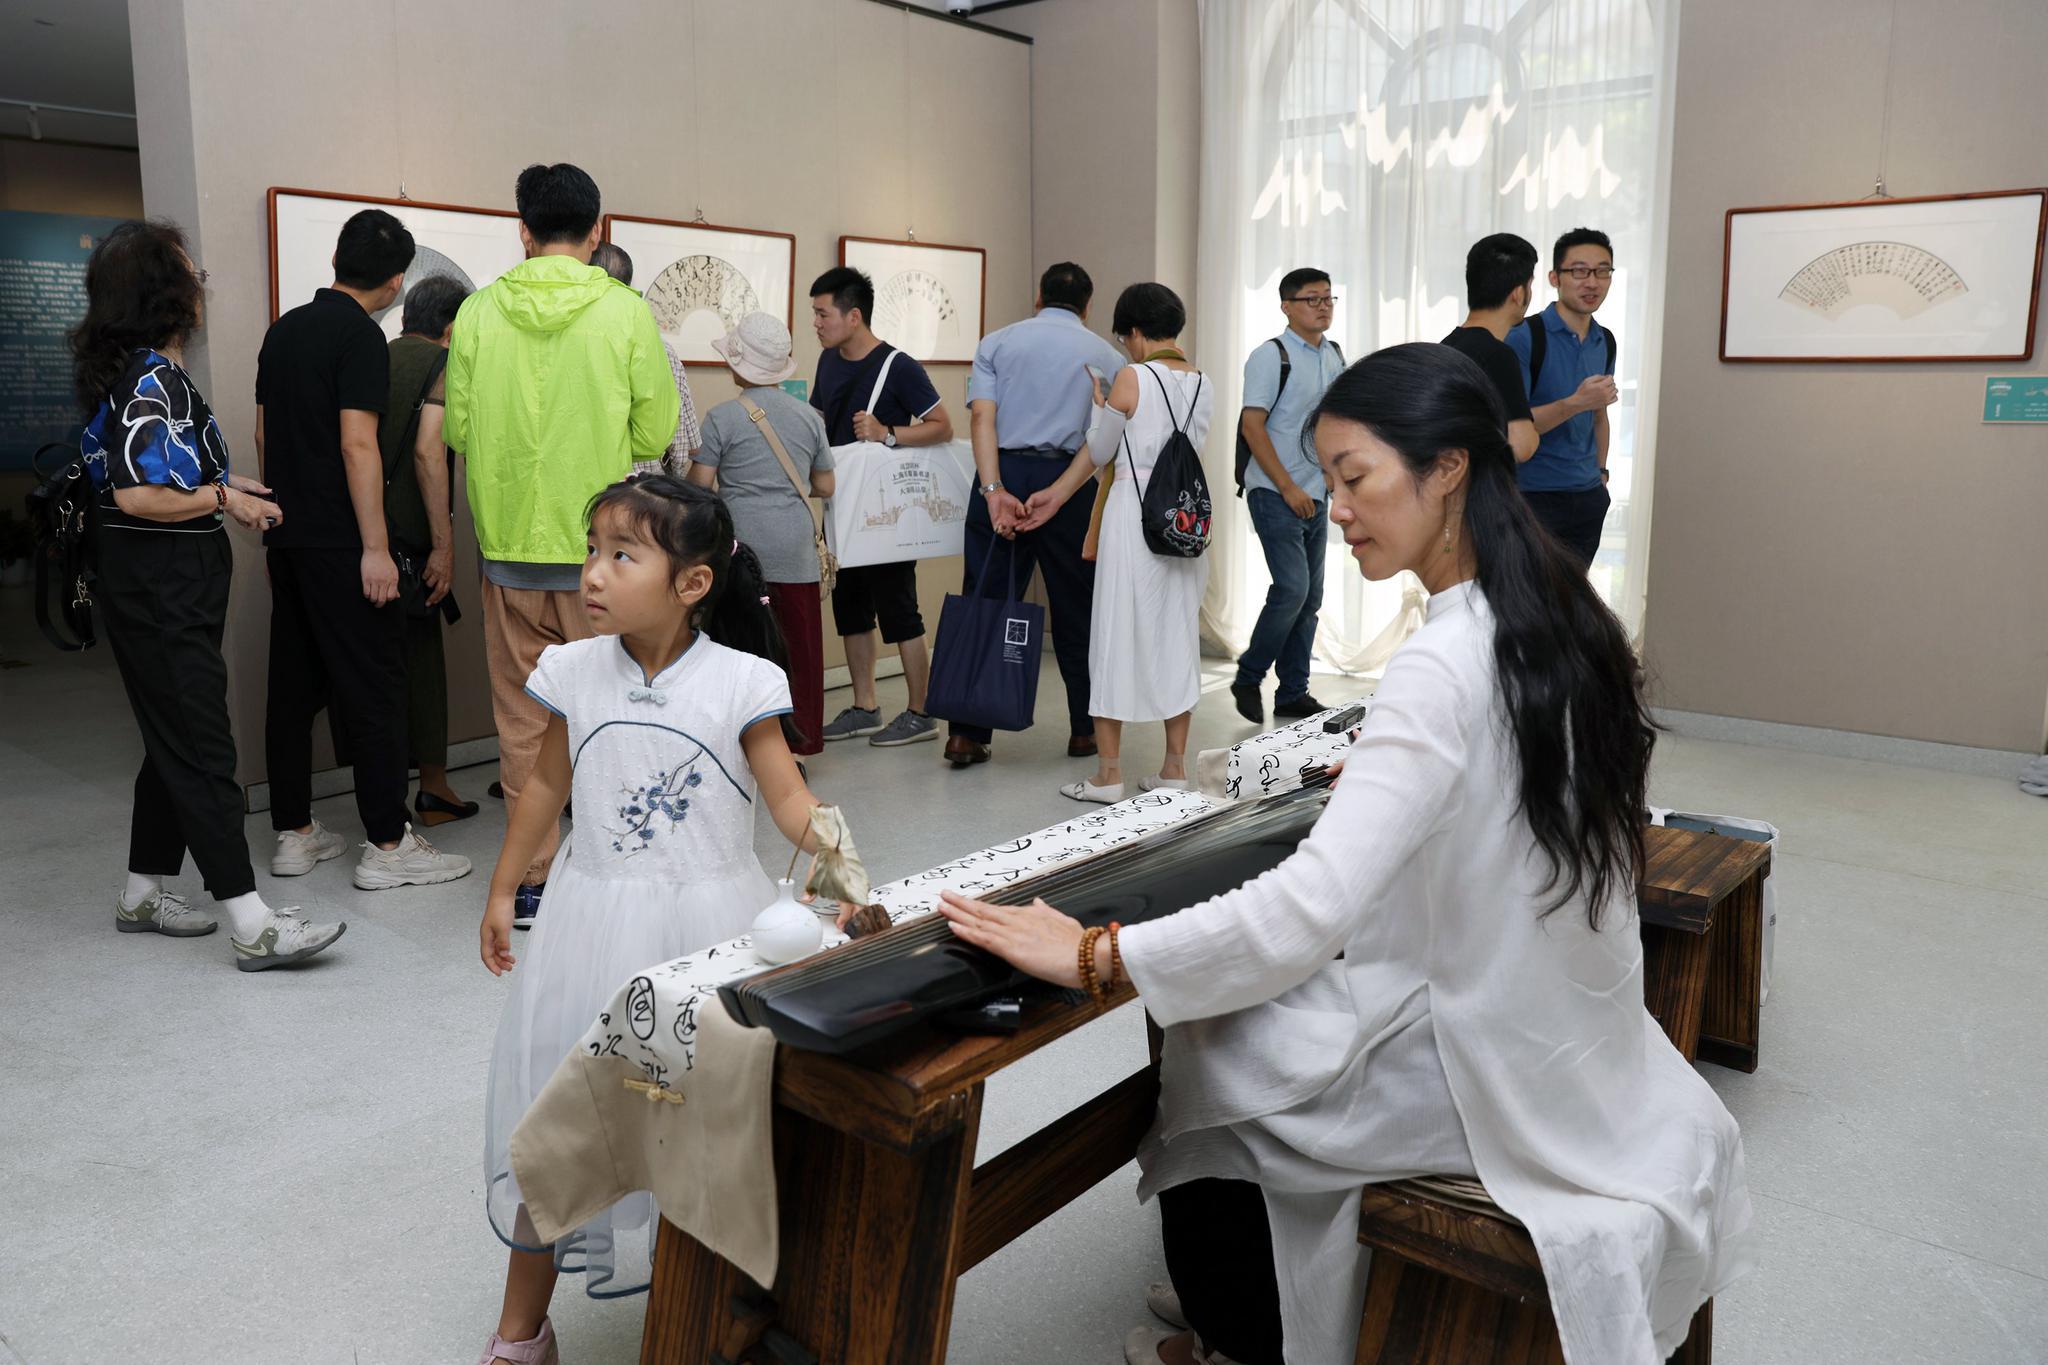 上海首次举办以扇面为形制的书法大赛